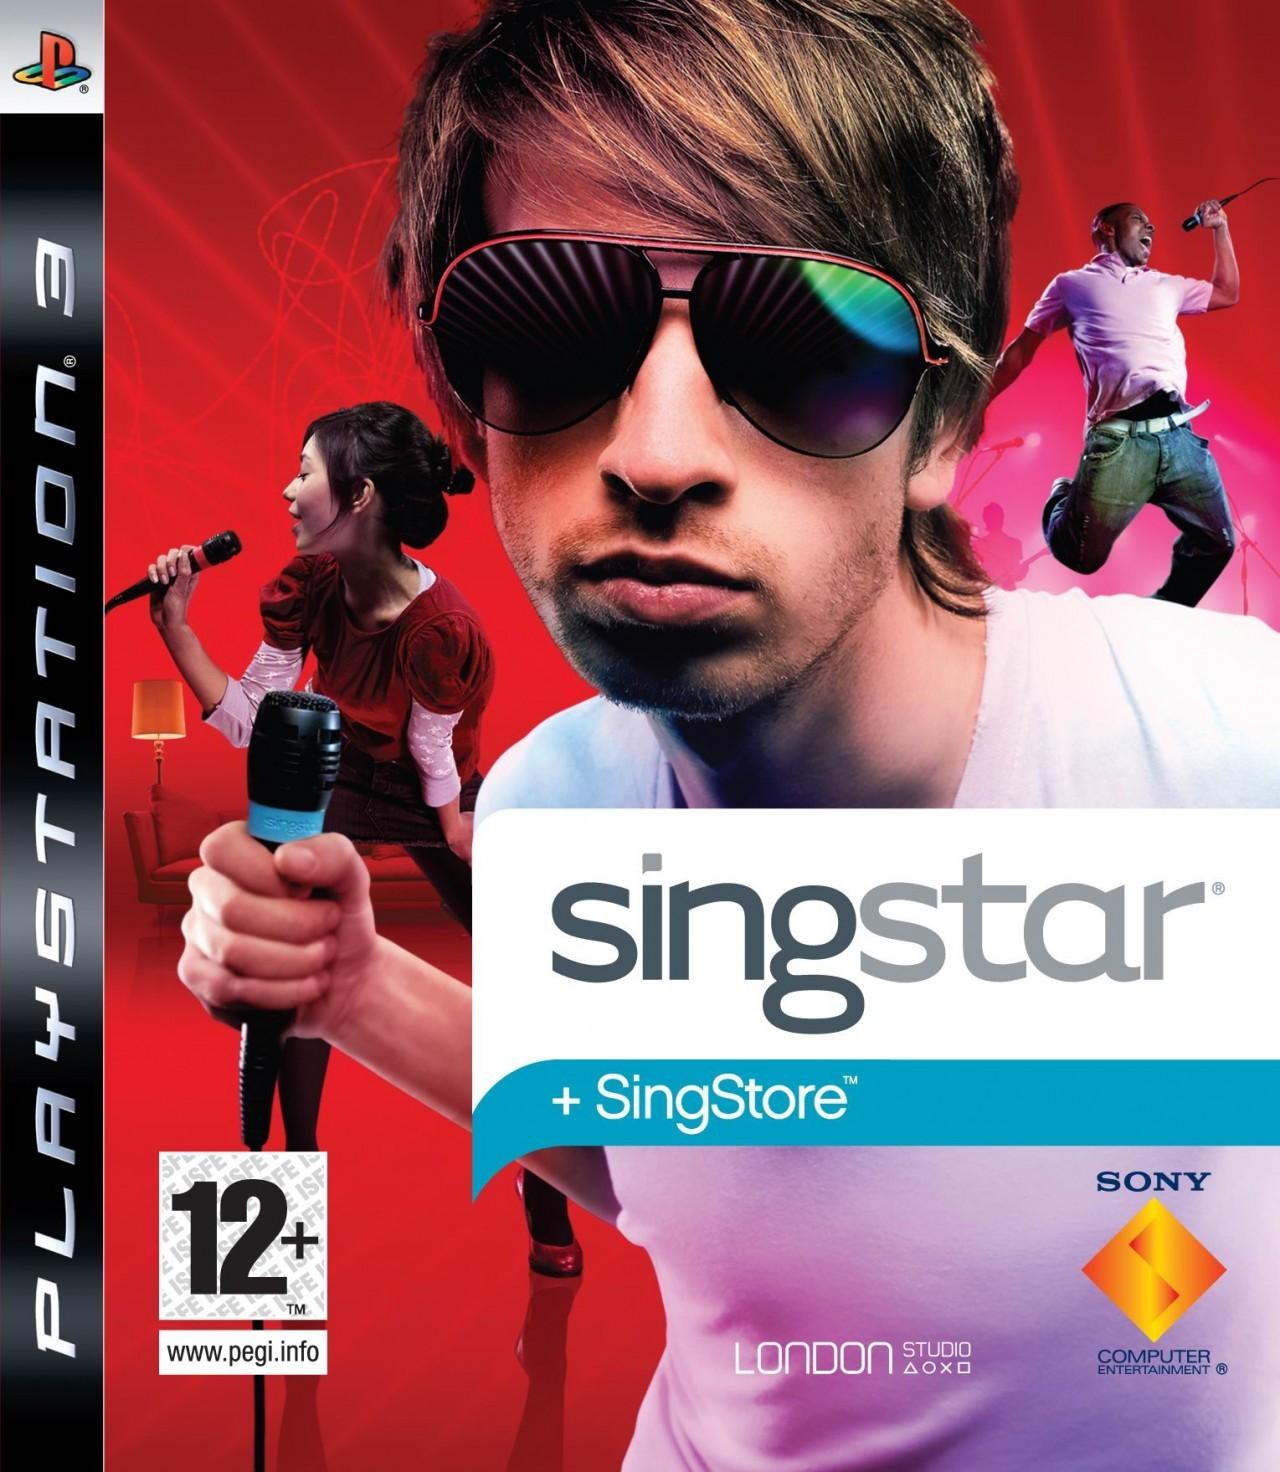 musique pour singstar ps3 gratuitement